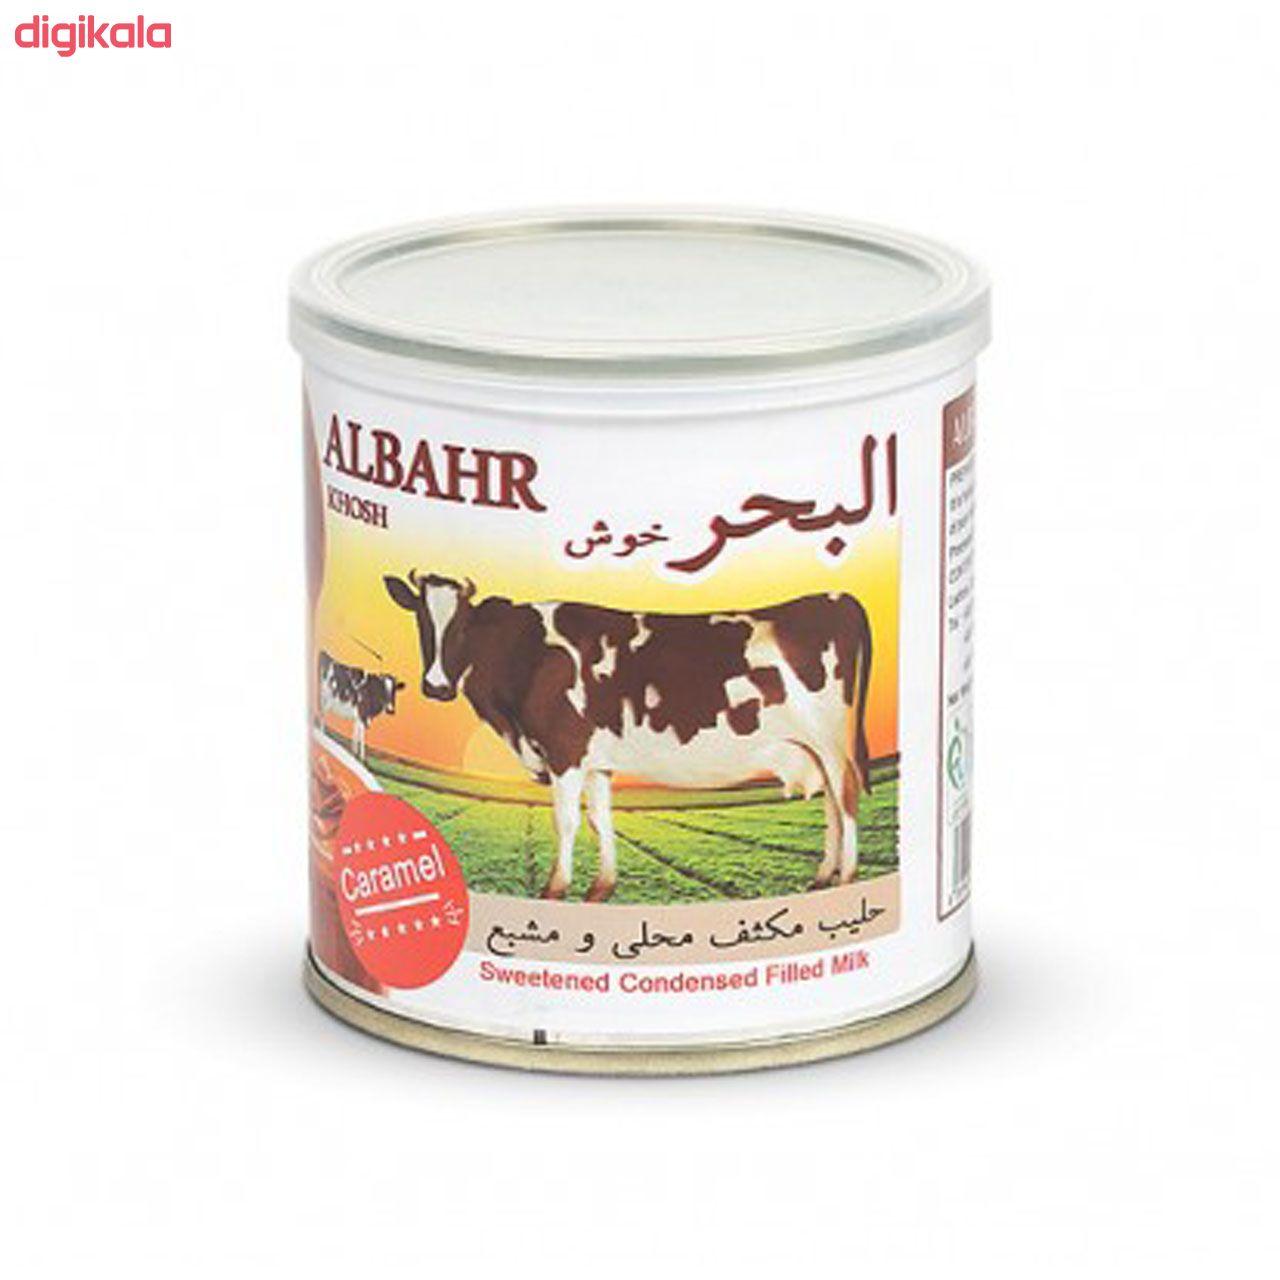 دسر شیر کارامل تغلیظ شده شیرین البحر - 387 گرم main 1 1